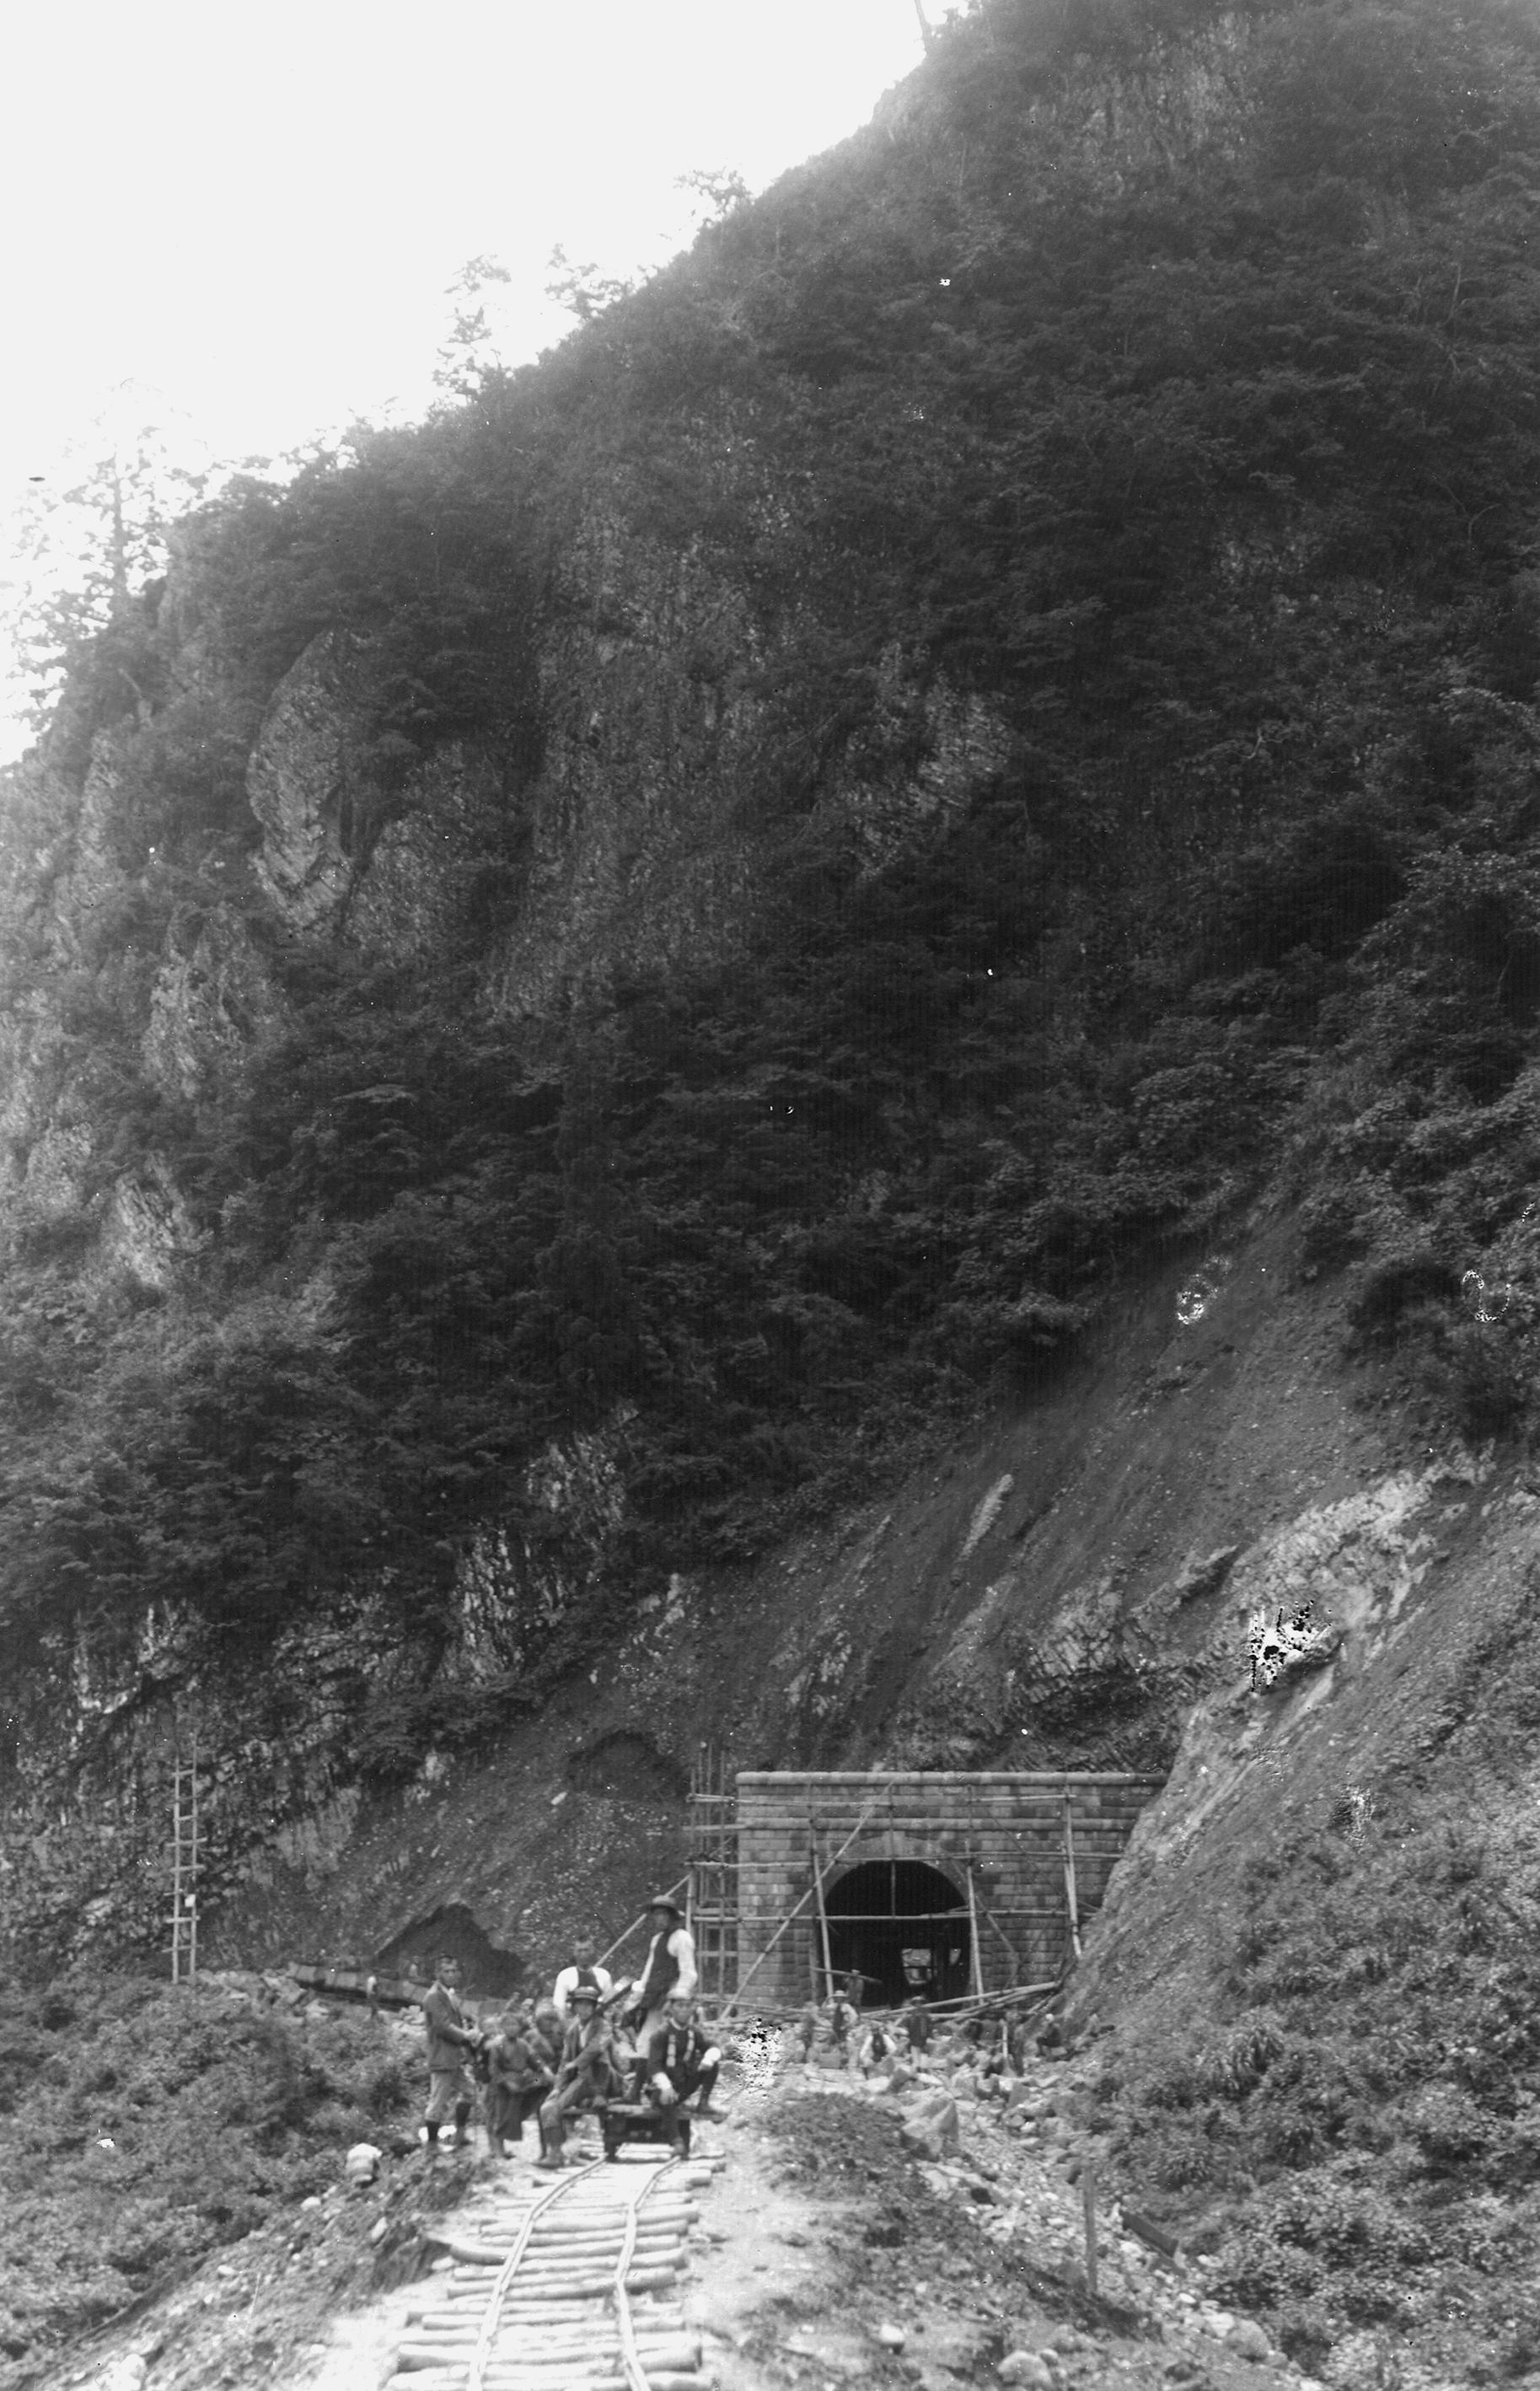 陸羽西線隧道工事(大正2年)